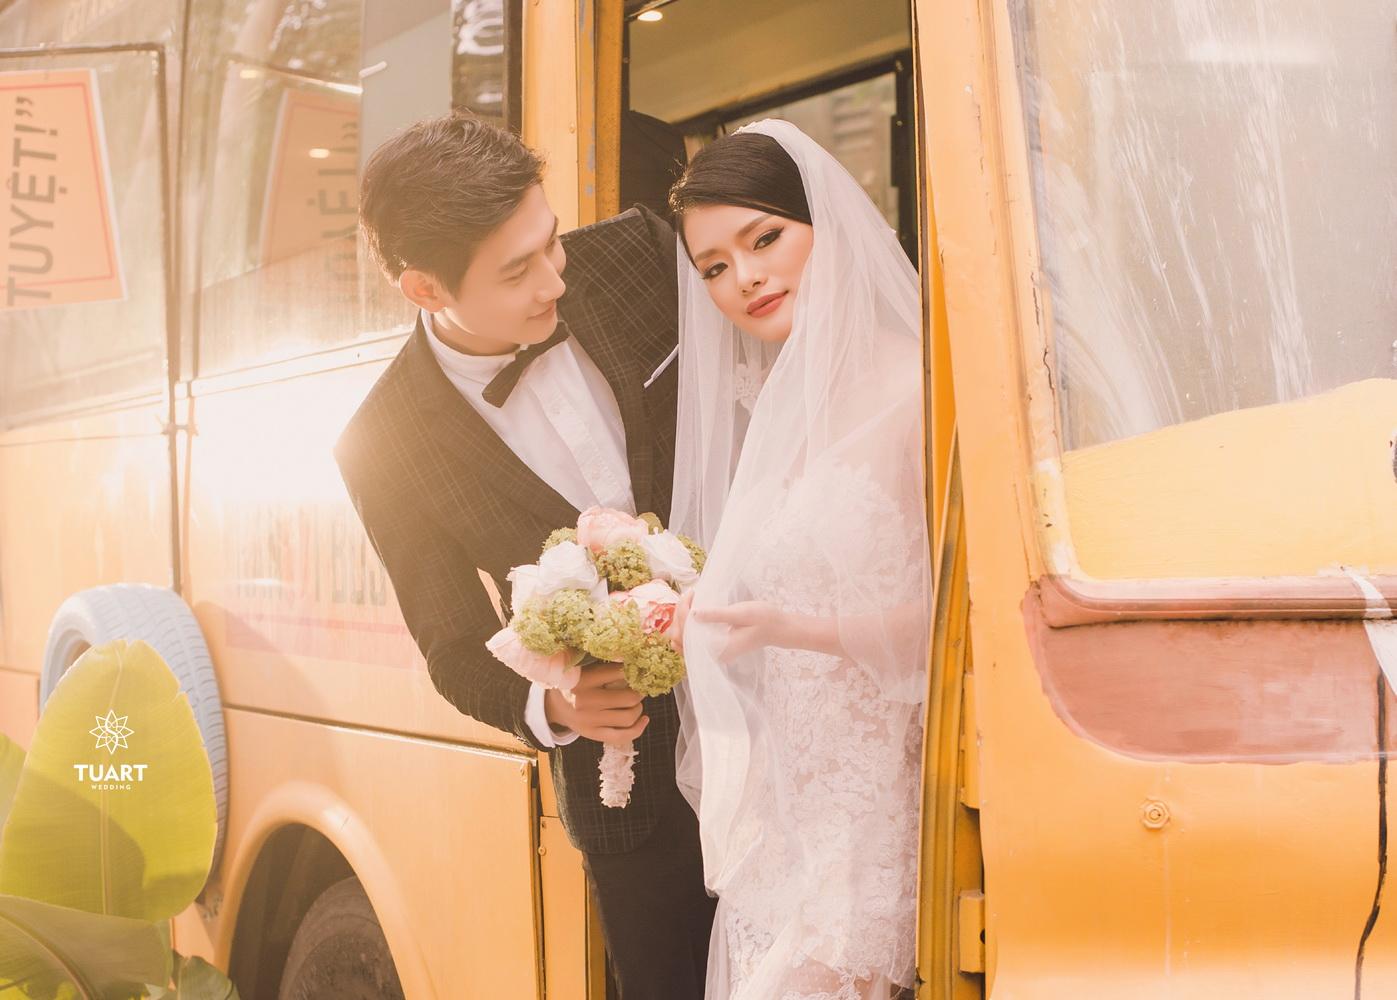 Album chụp ảnh cưới đẹp thành phố xanh Ecopark 31